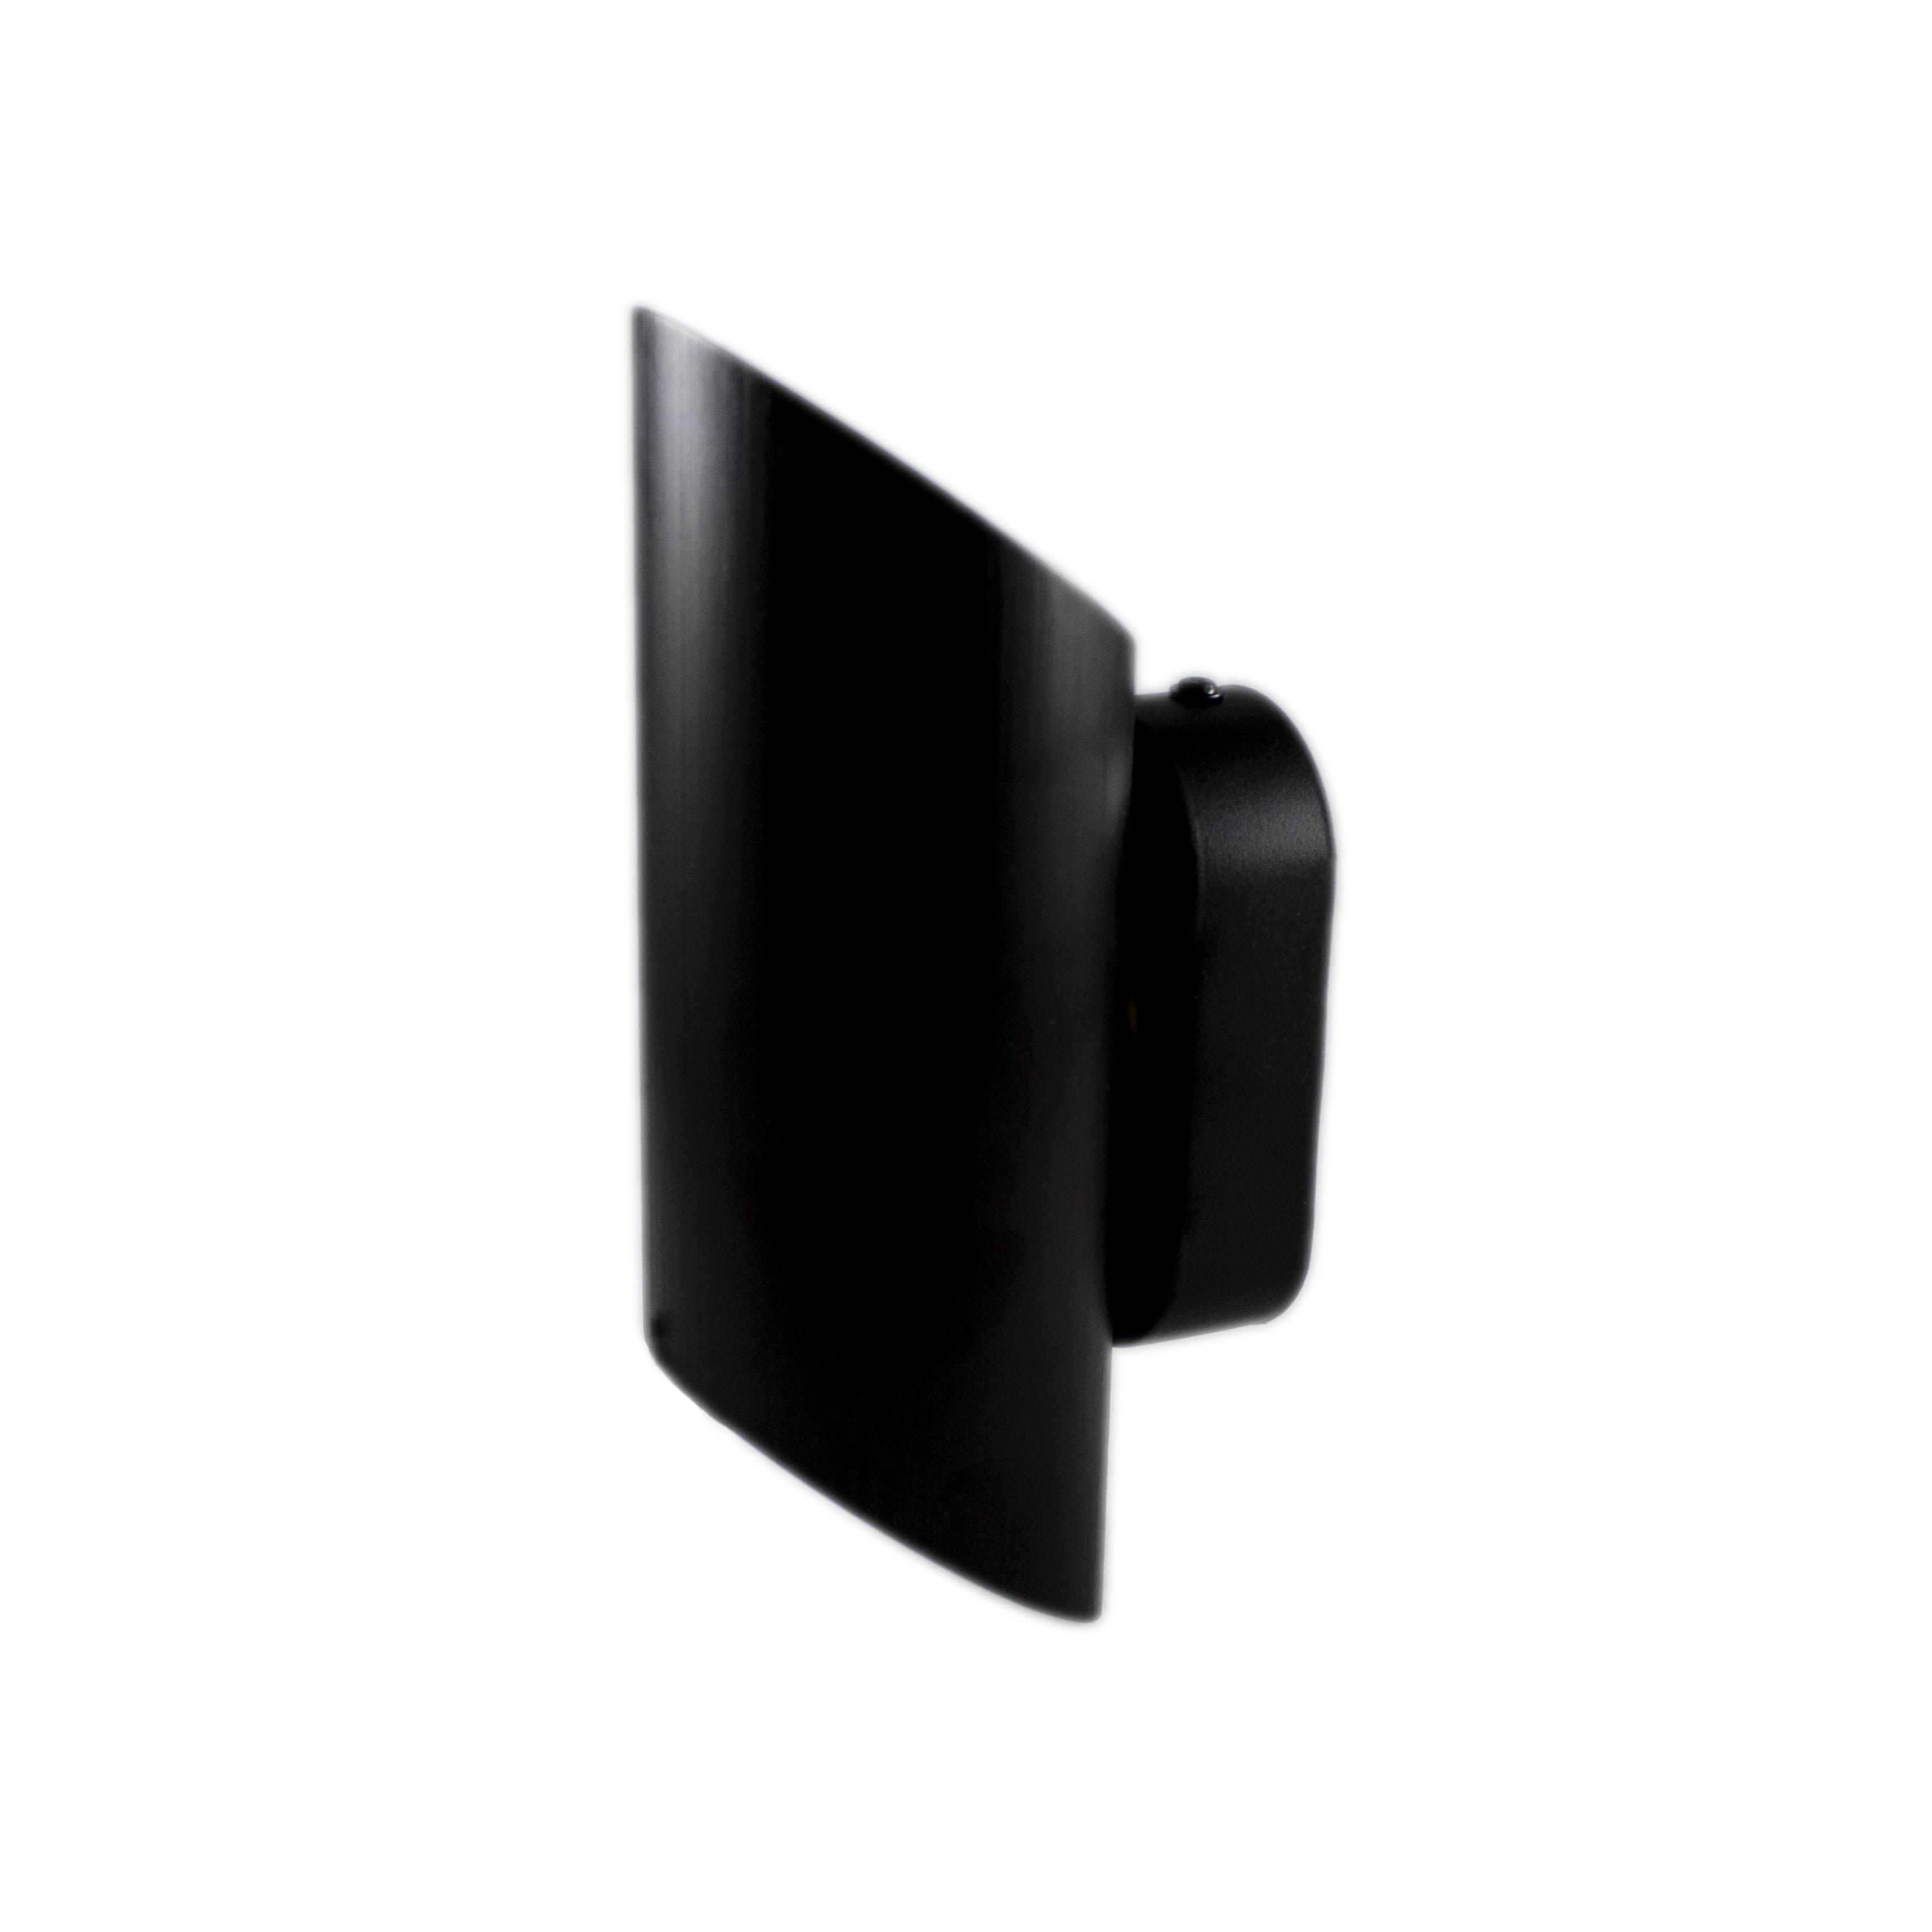 LED Wandlamp zwart - rond - up & down - G9 fitting - zijaanzicht wandlamp